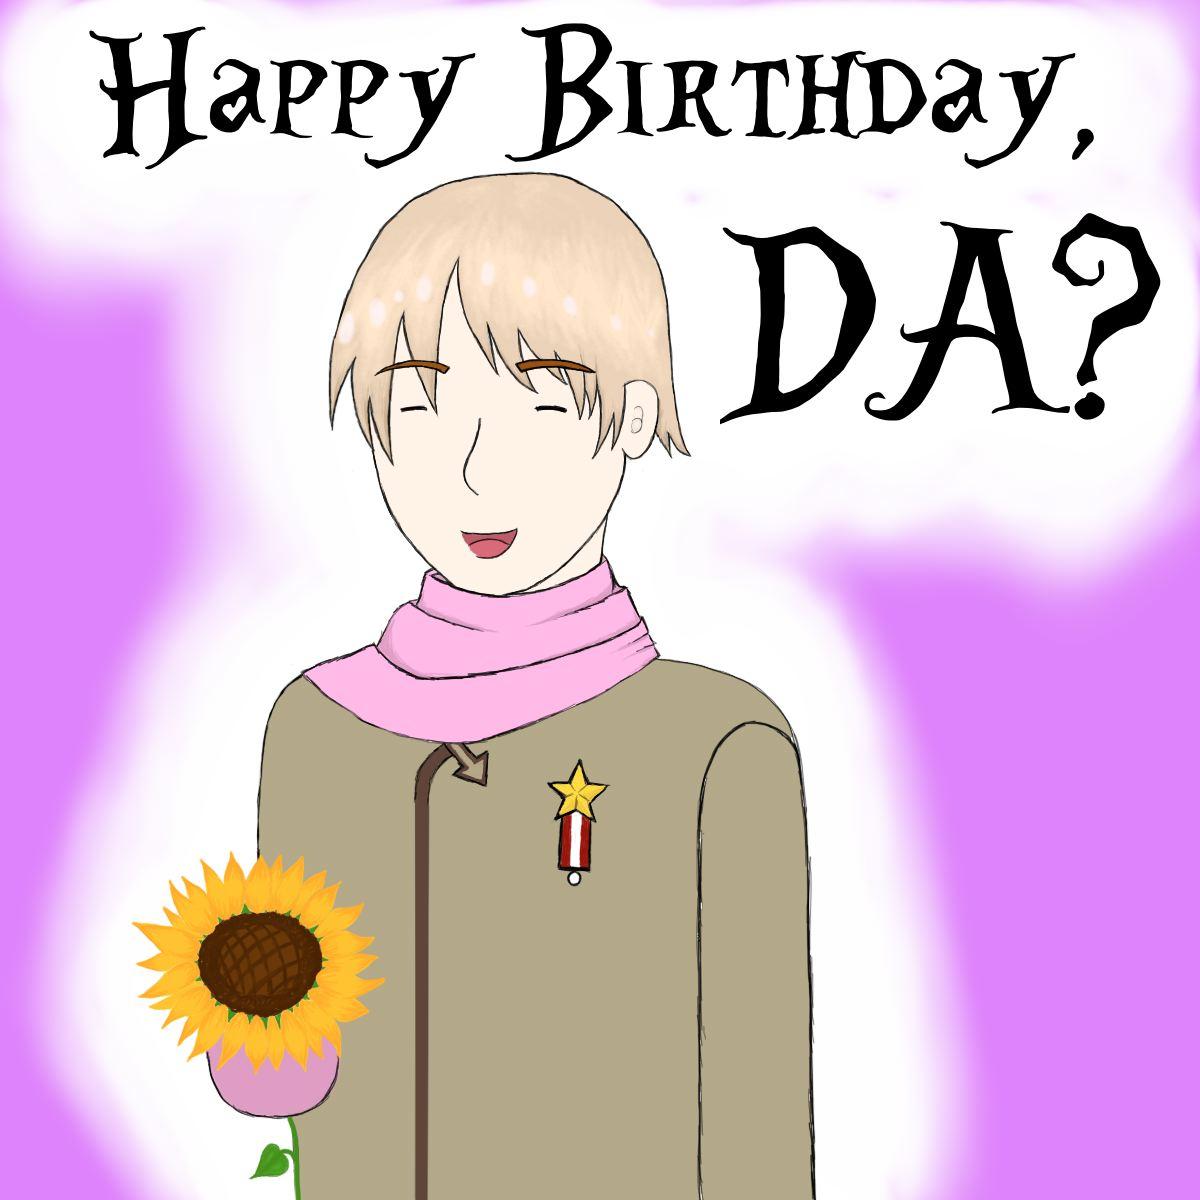 Happy birthday da russia x reader by 666kurai on deviantart